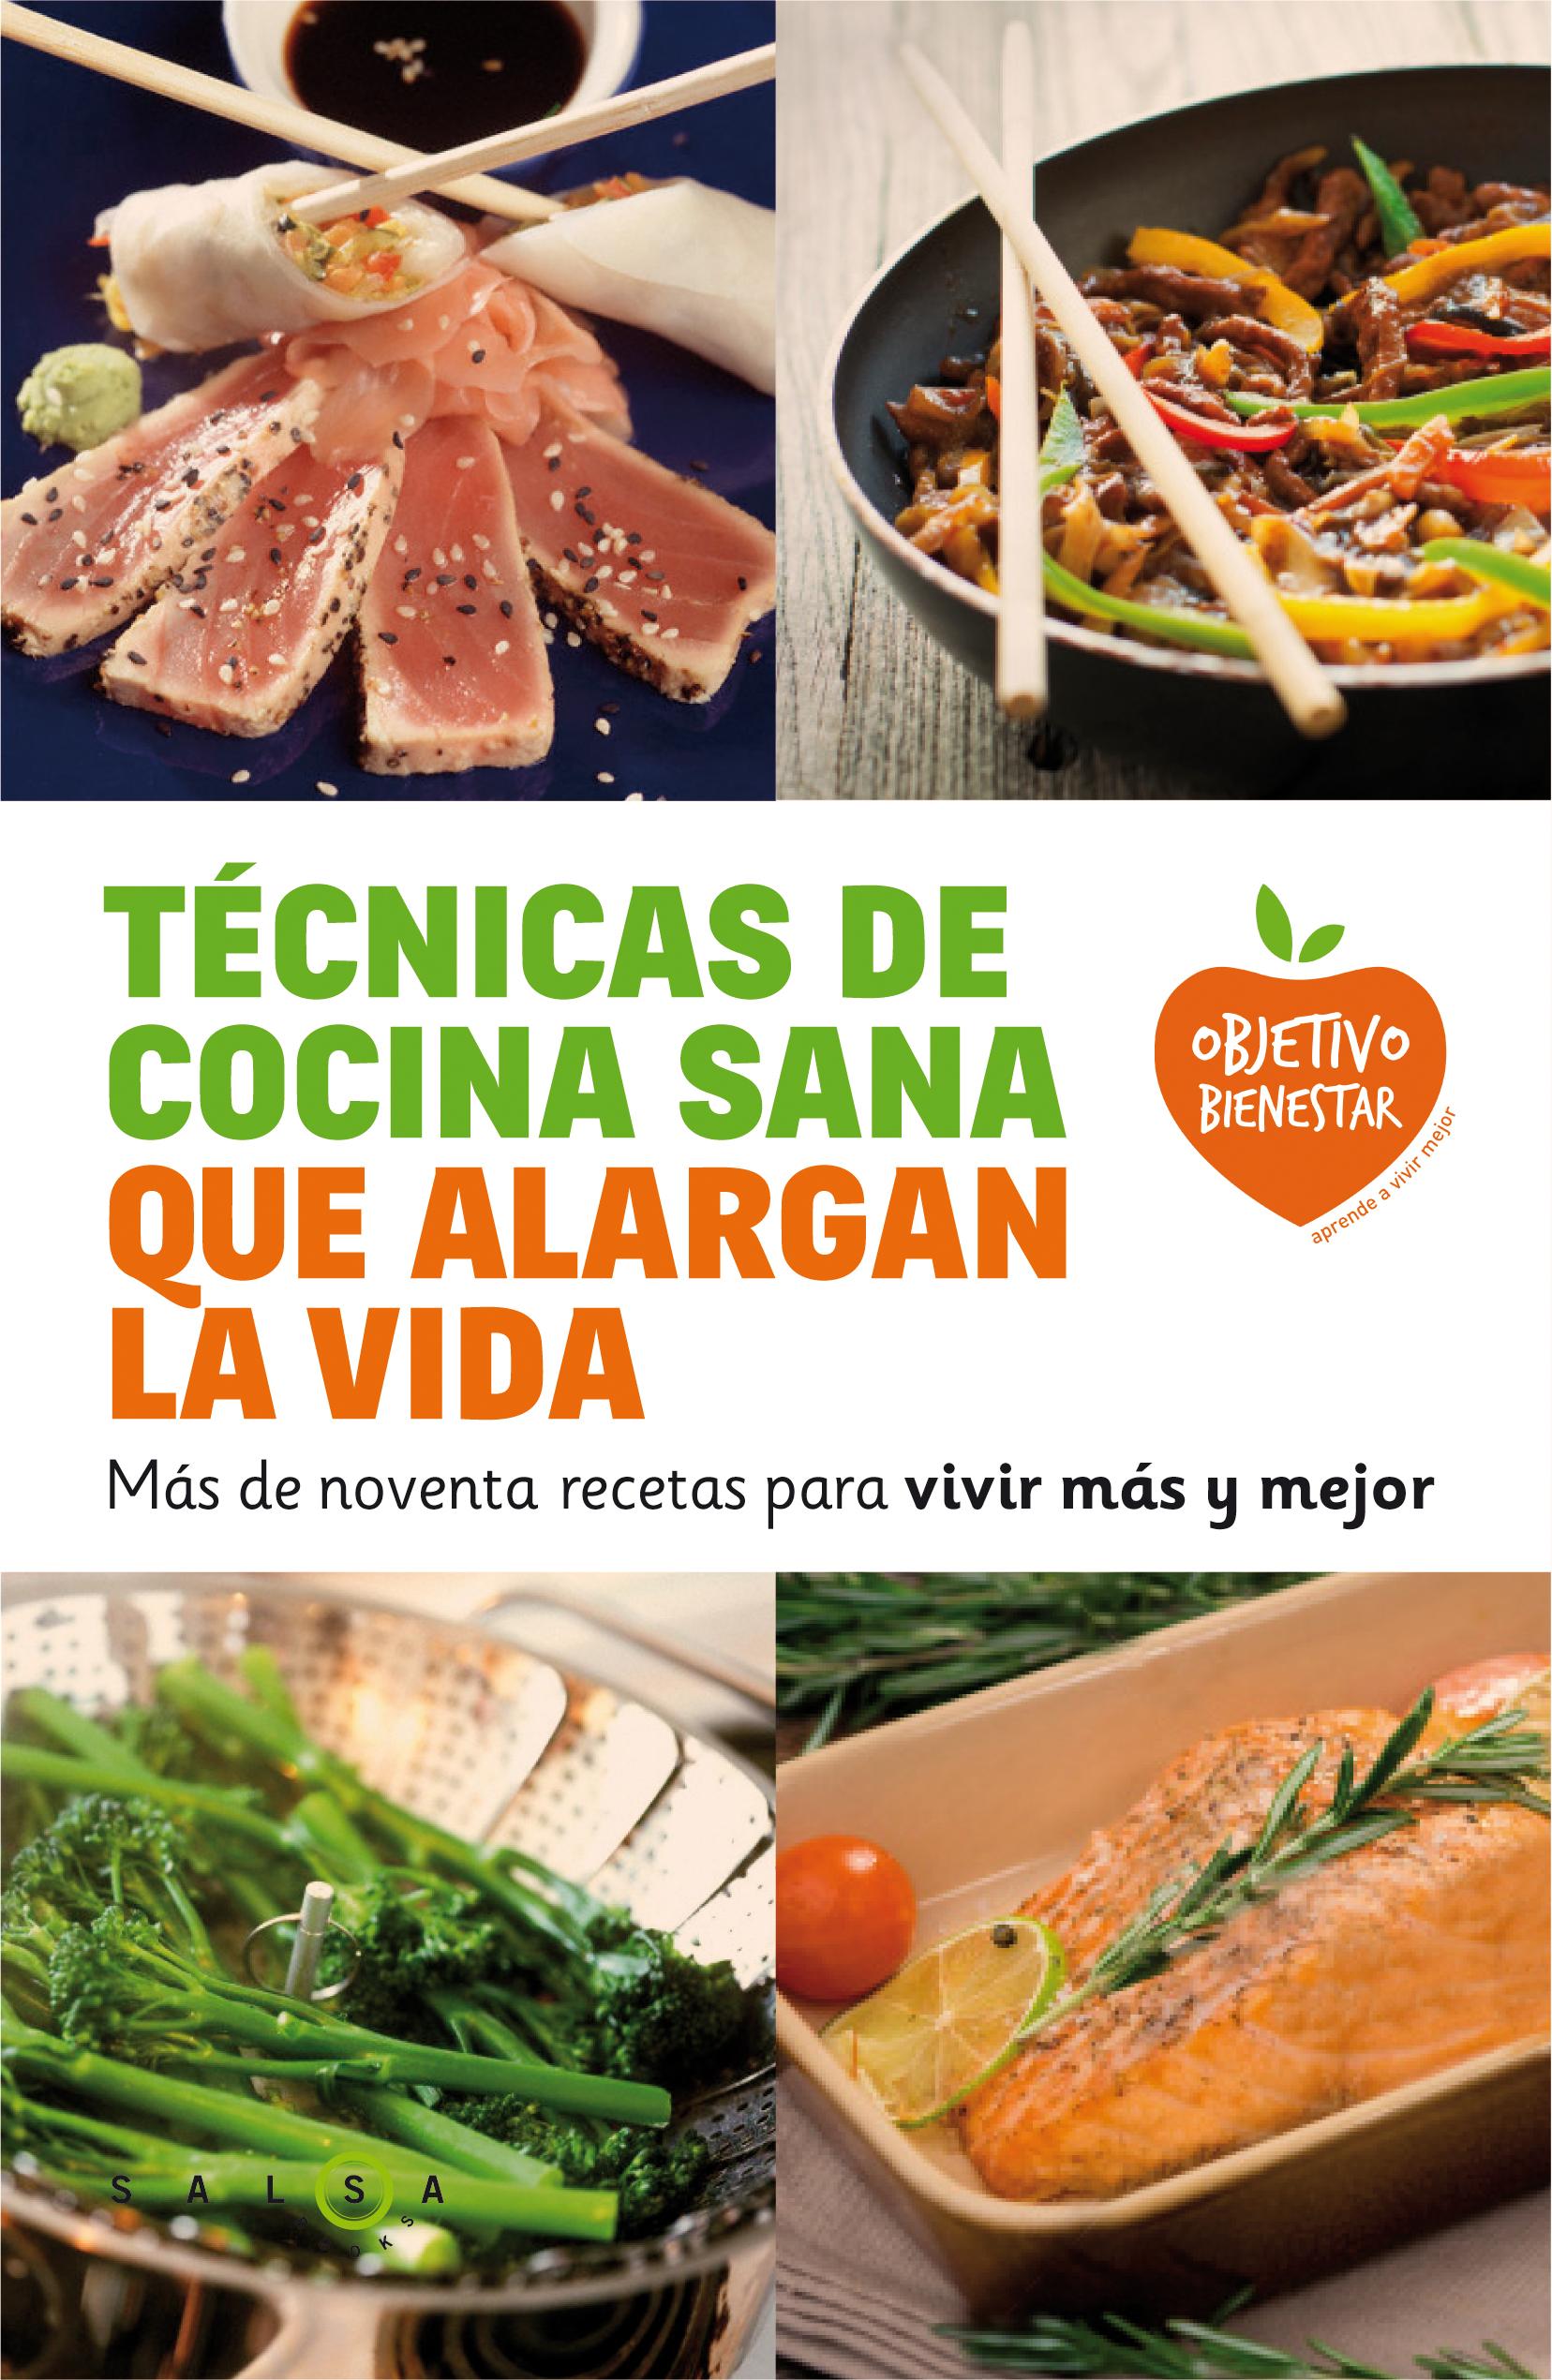 Técnicas de cocina sana que alargan la vida | Planeta de Libros